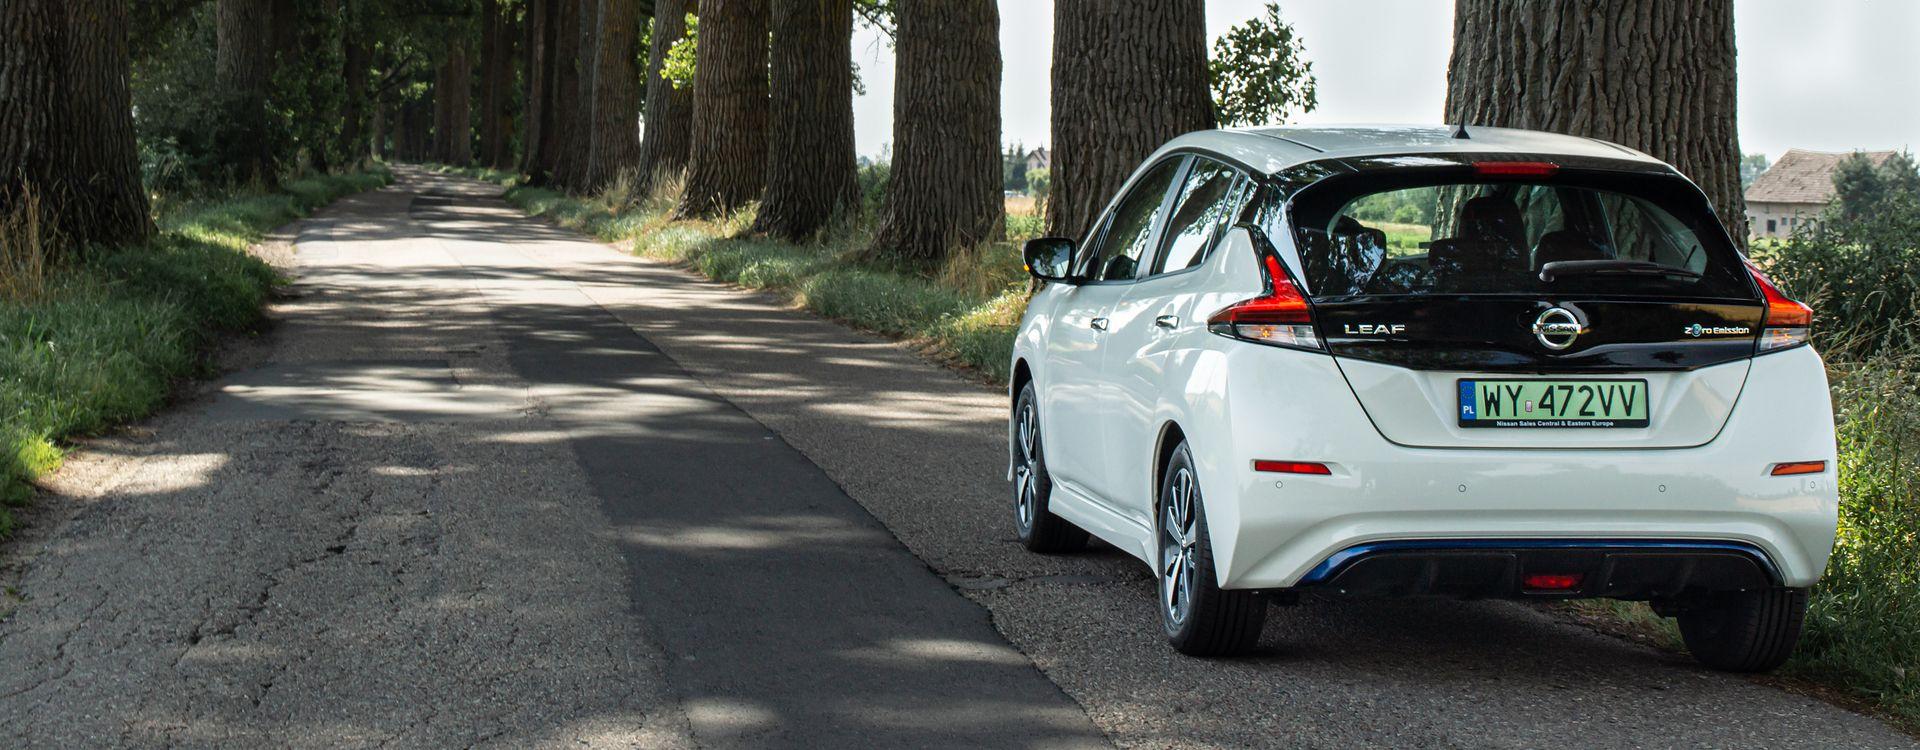 Blisko 4 tys. km za kierownicą leafa pozwoliło zasmakować, jak dziś żyje się z autem elektrycznym